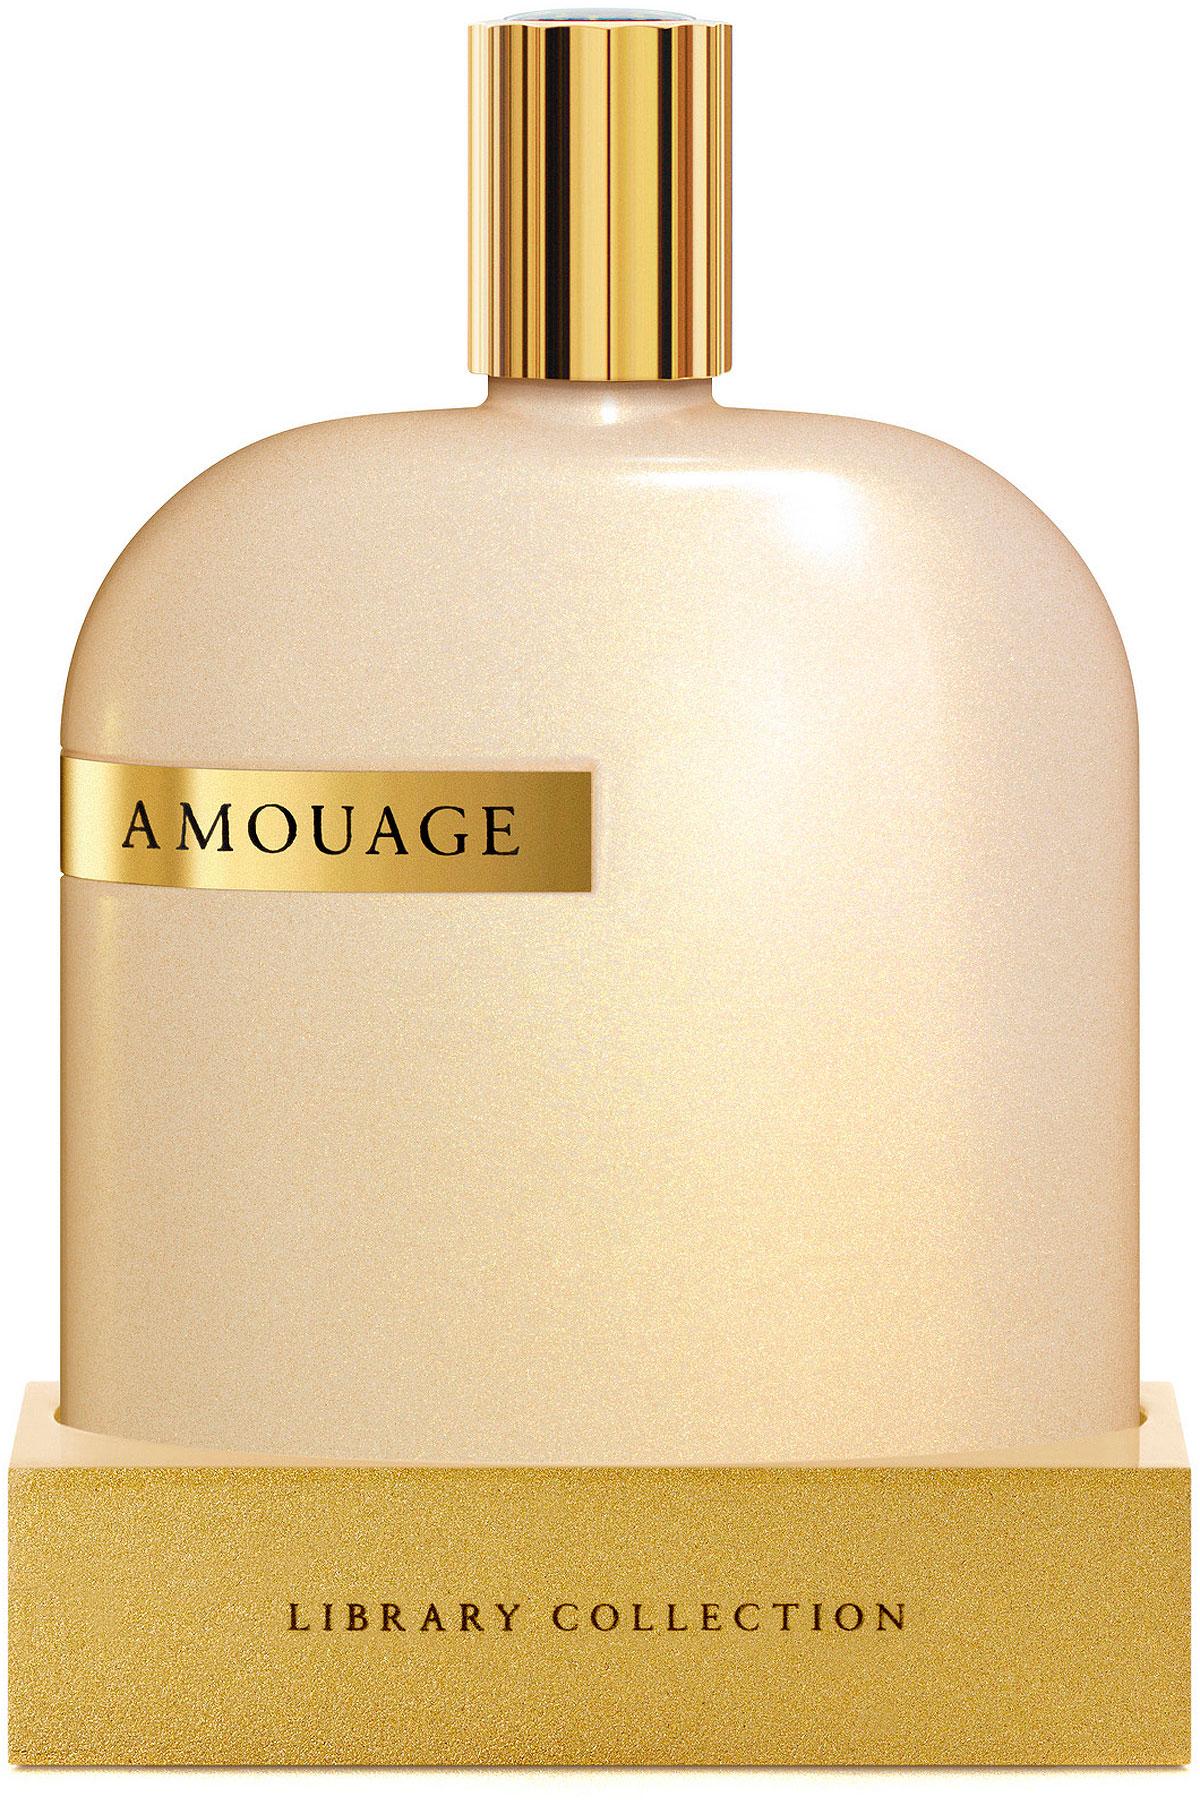 Amouage Fragrances for Men, Opus Viii - Eau De Parfum - 100 Ml, 2019, 100 ml